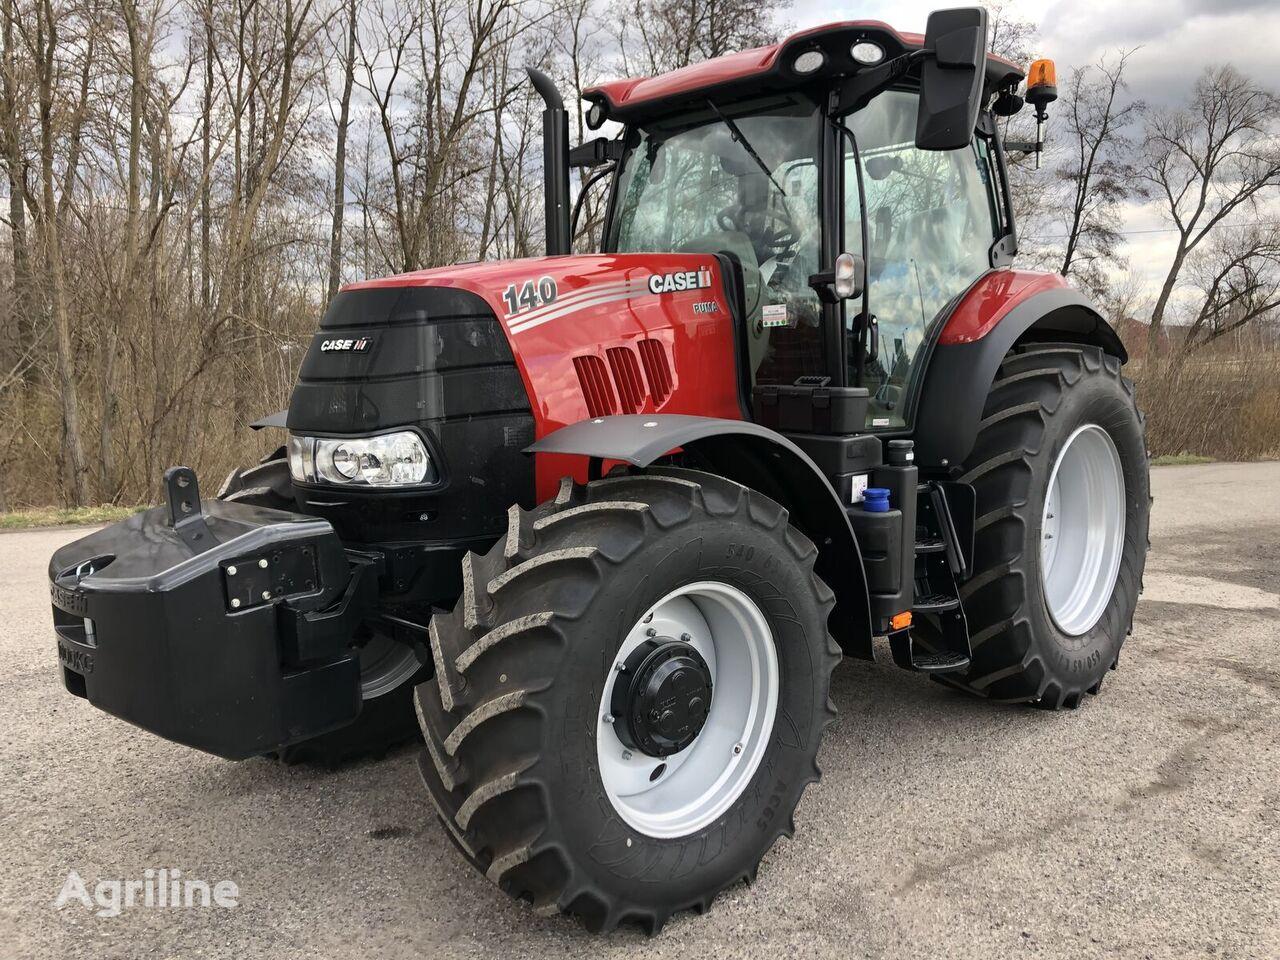 novi CASE IH PUMA 140 traktor točkaš